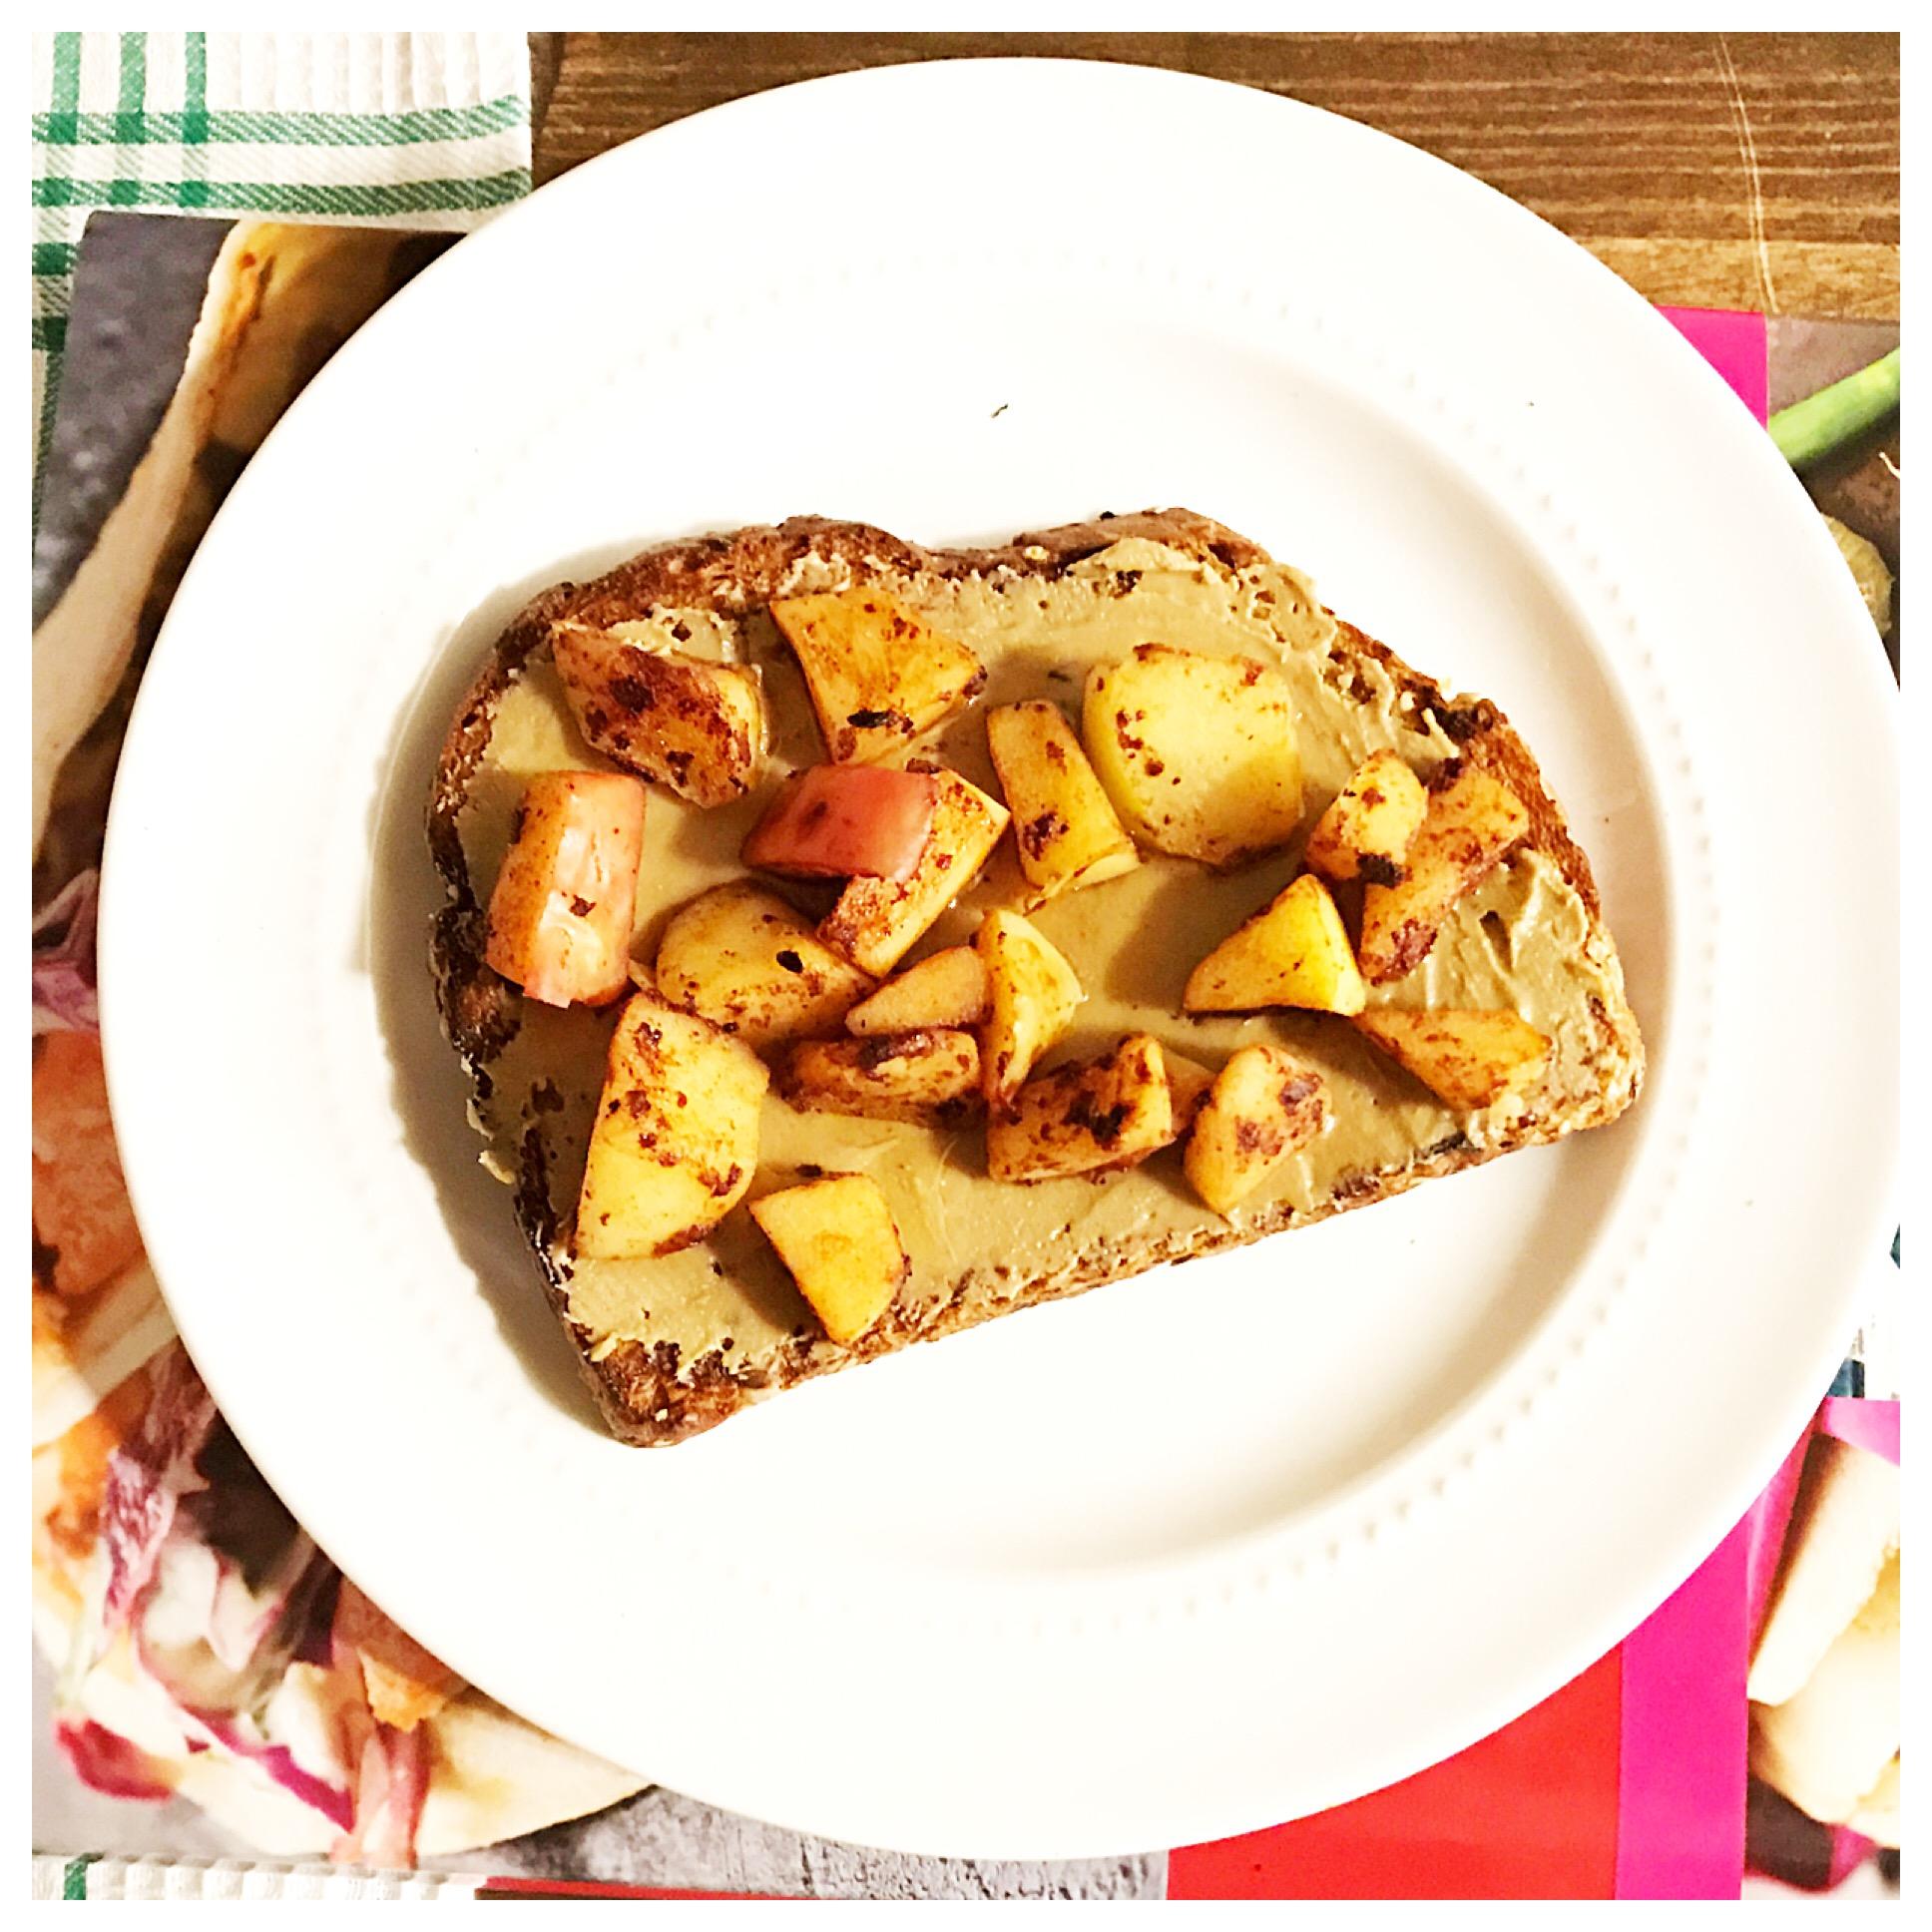 cinnamon apple toast aerial 2.JPG